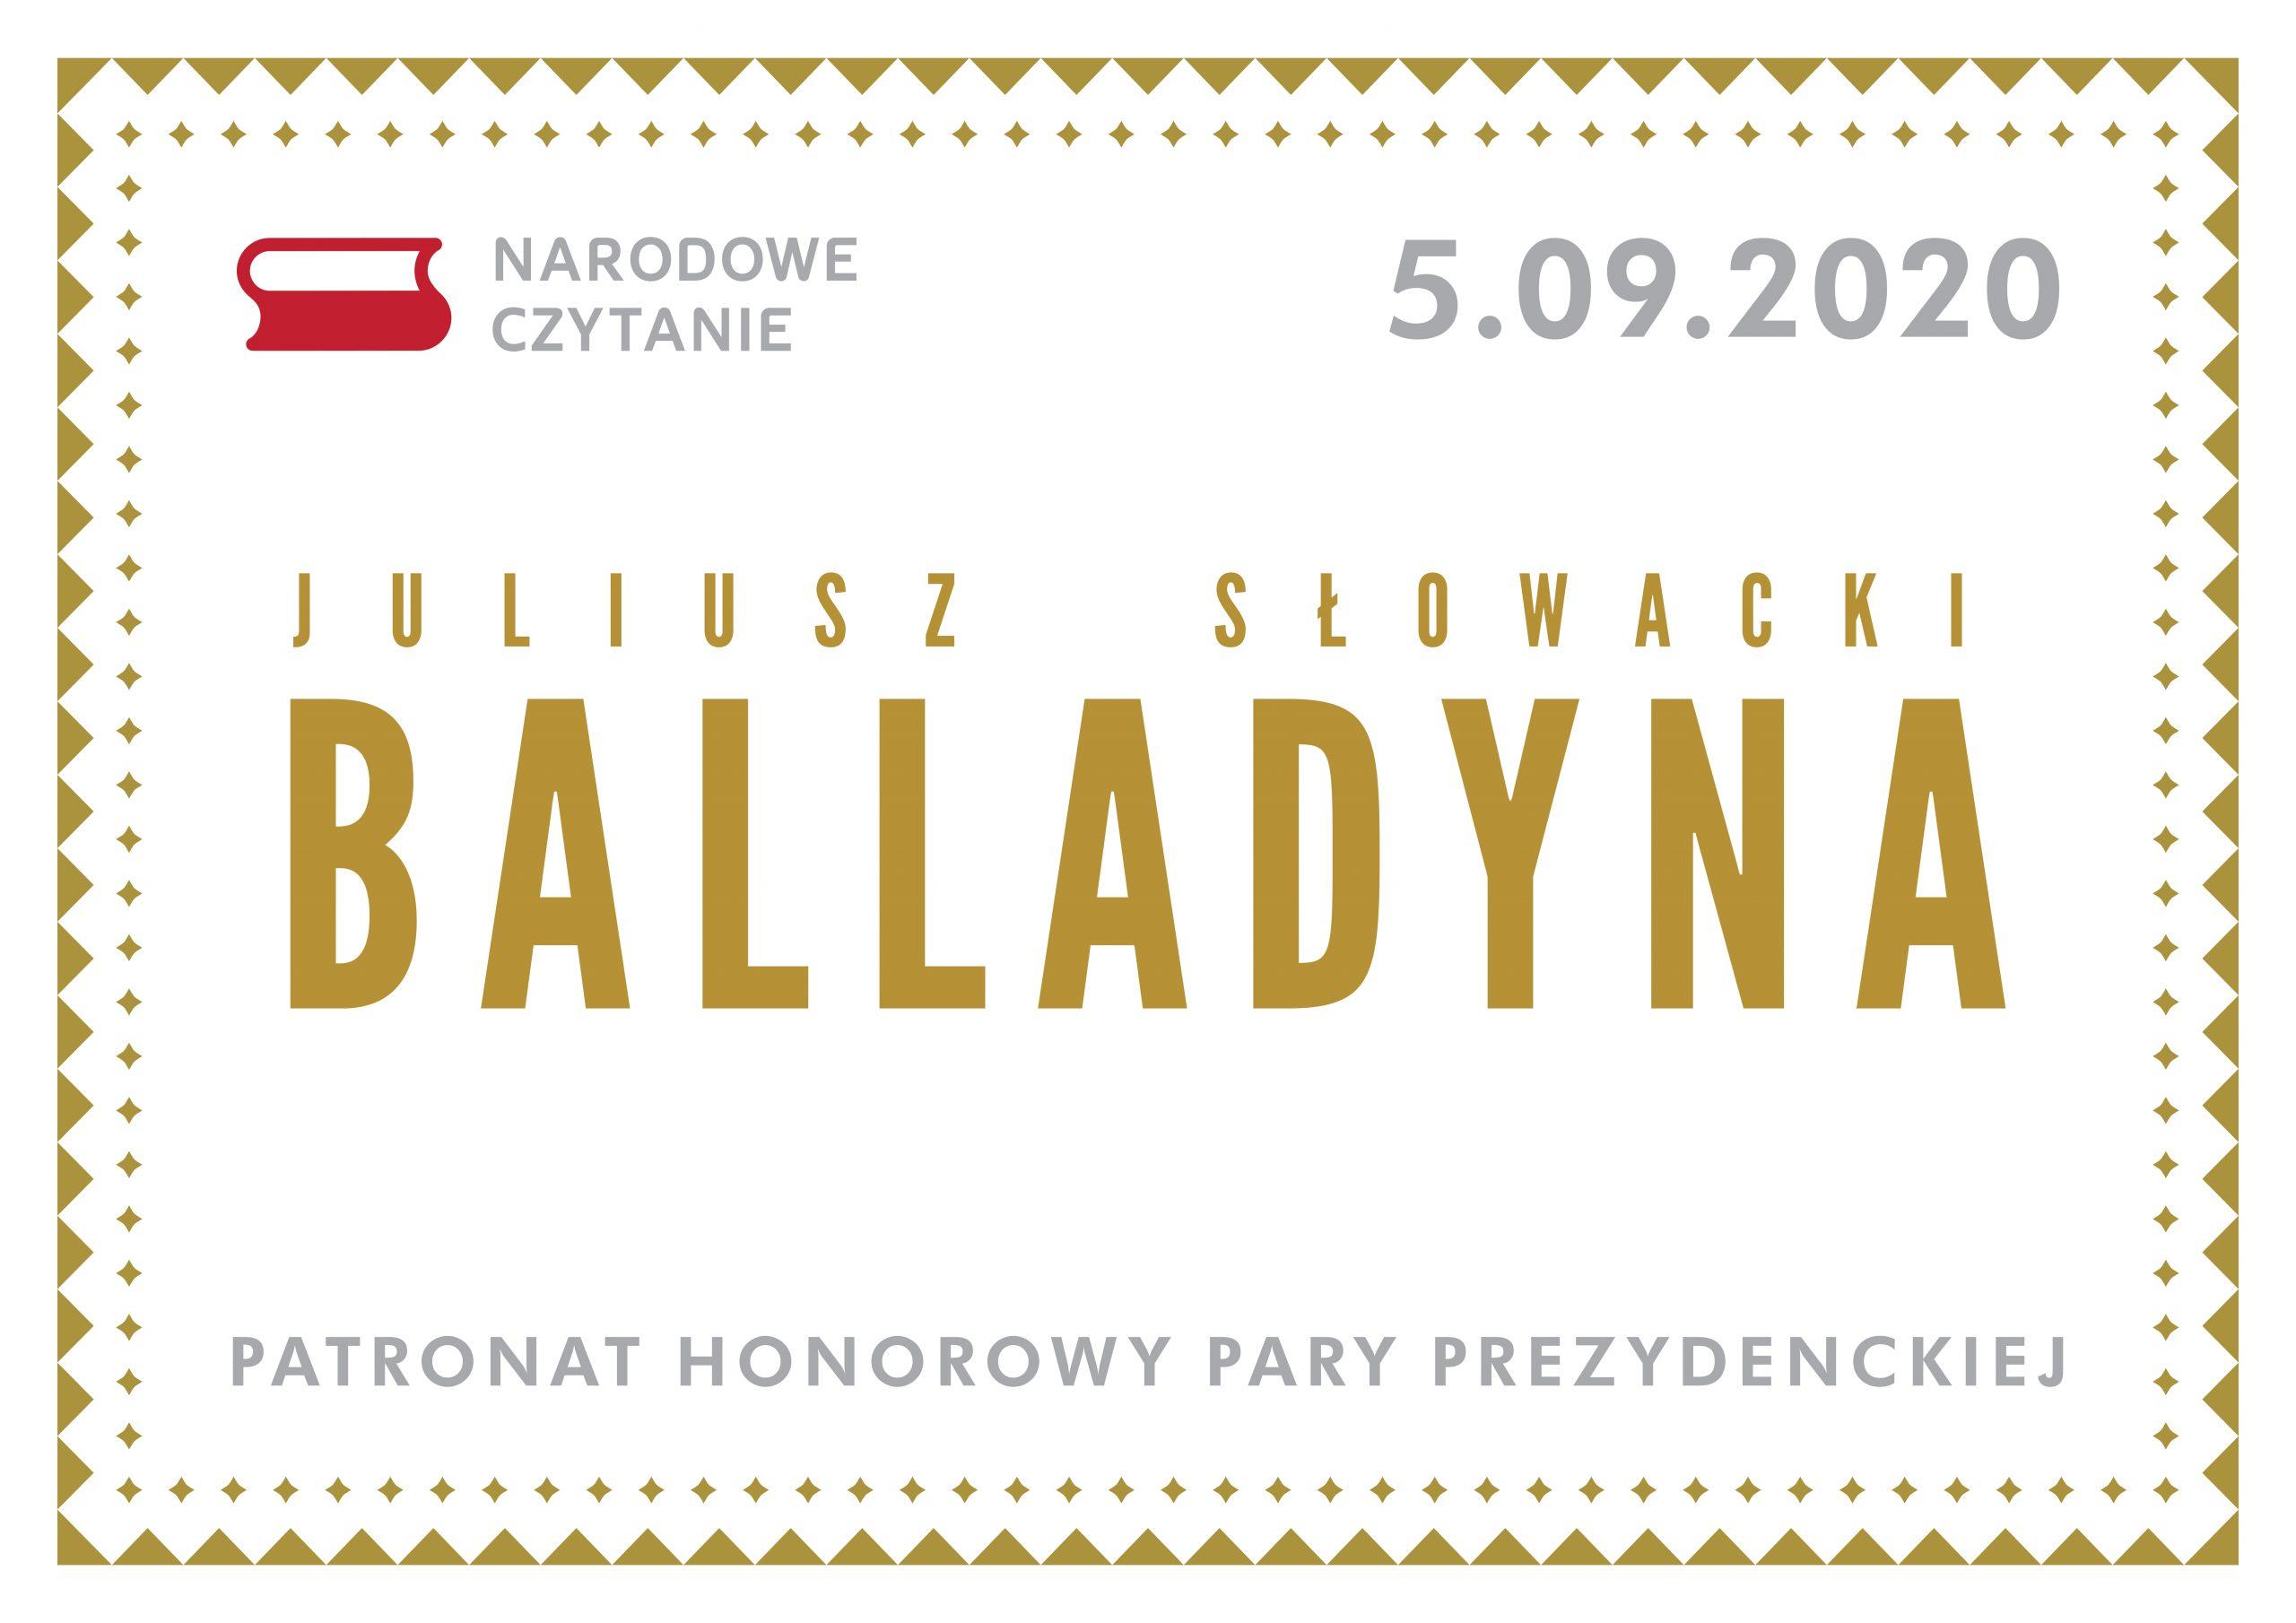 Spotkanie z Balladyną Juliusza Słowackiego